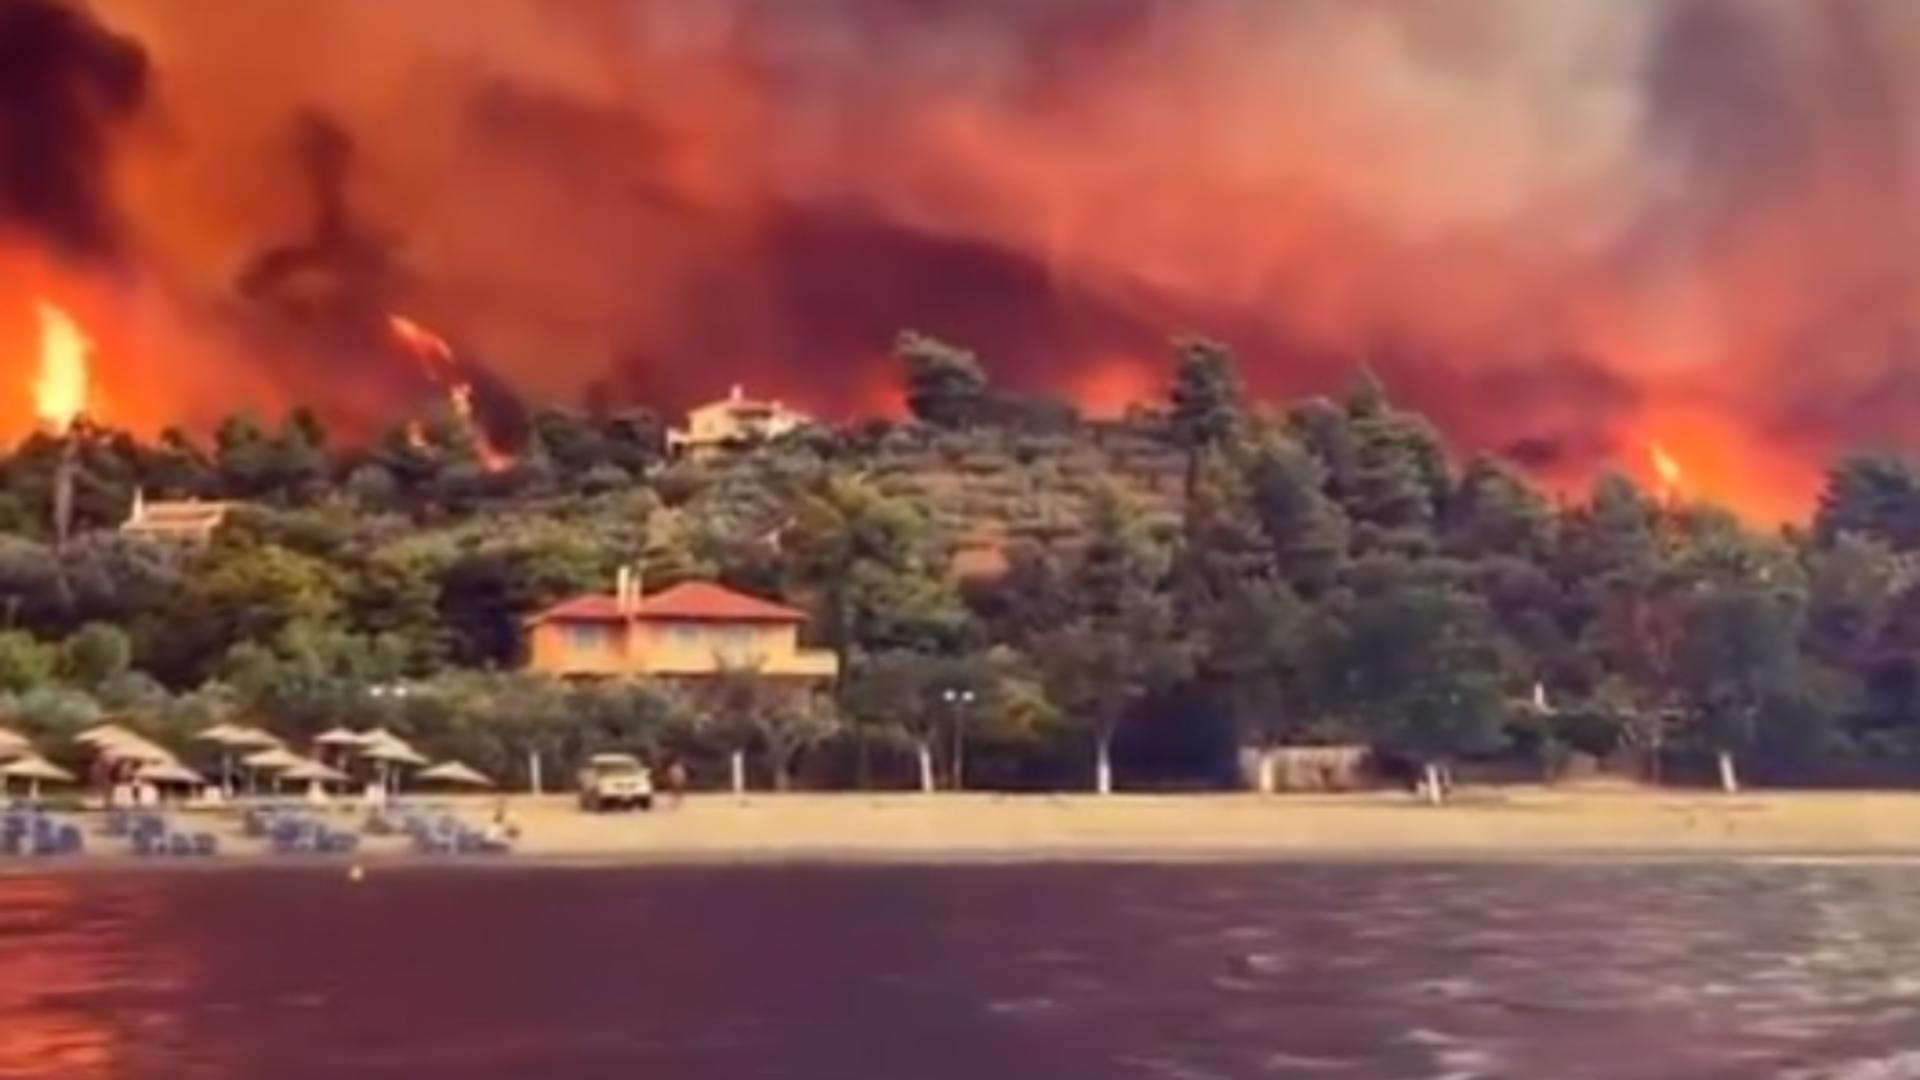 Imagini apocaliptice în Grecia cu incendiile provocate de caniculă